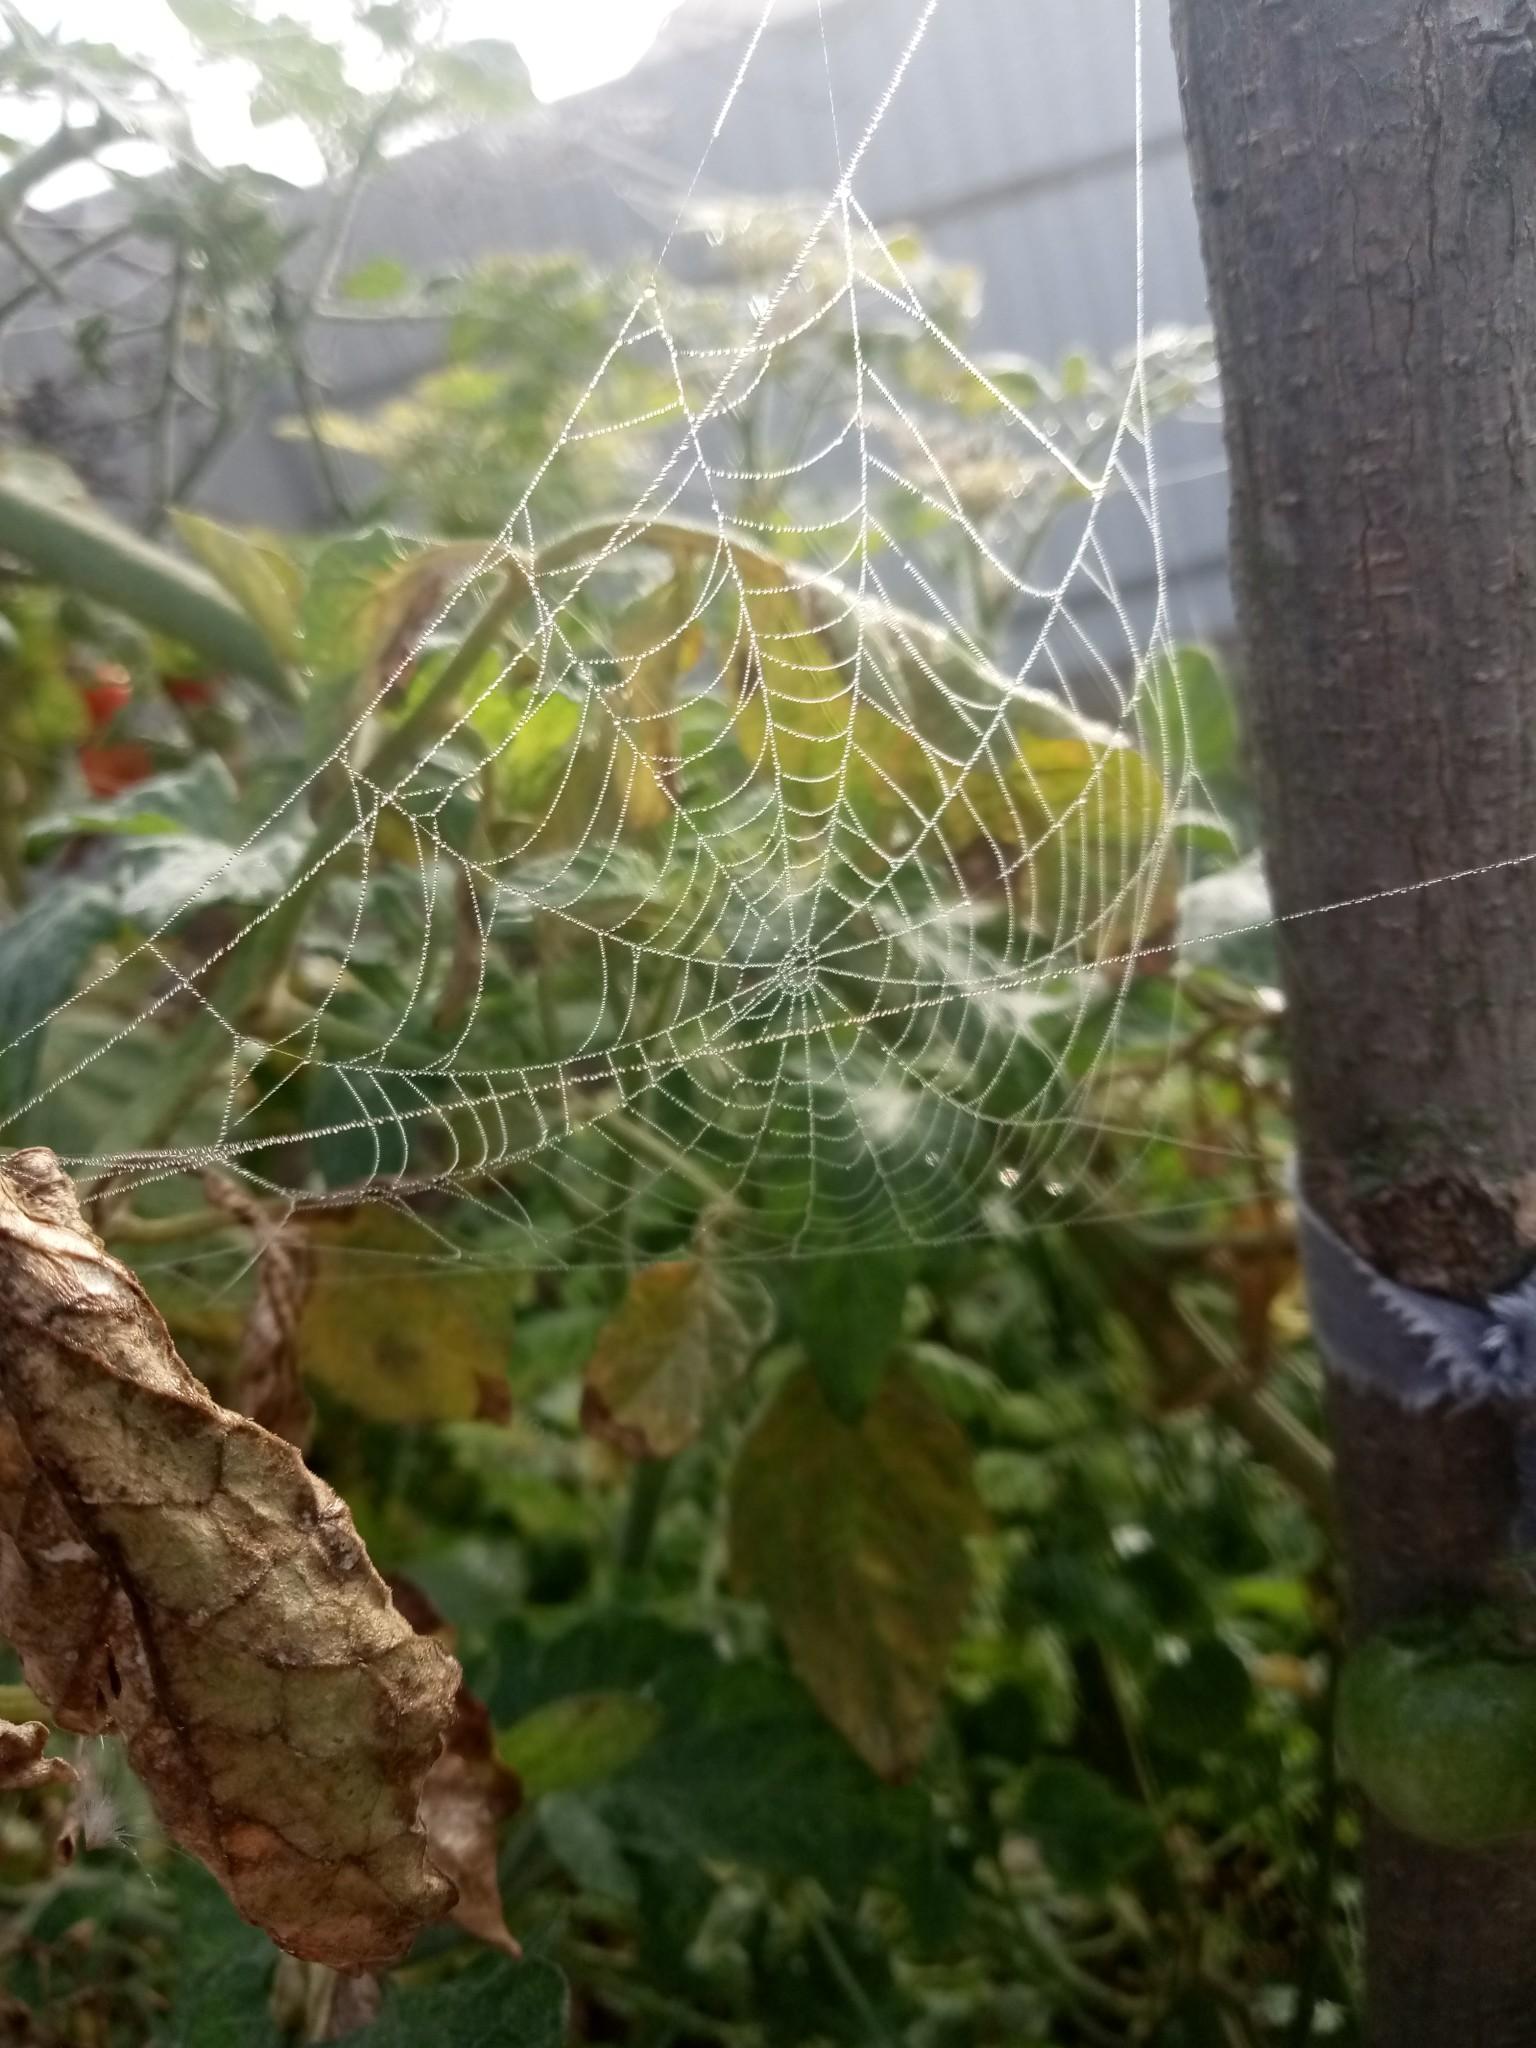 Spider web photo 9